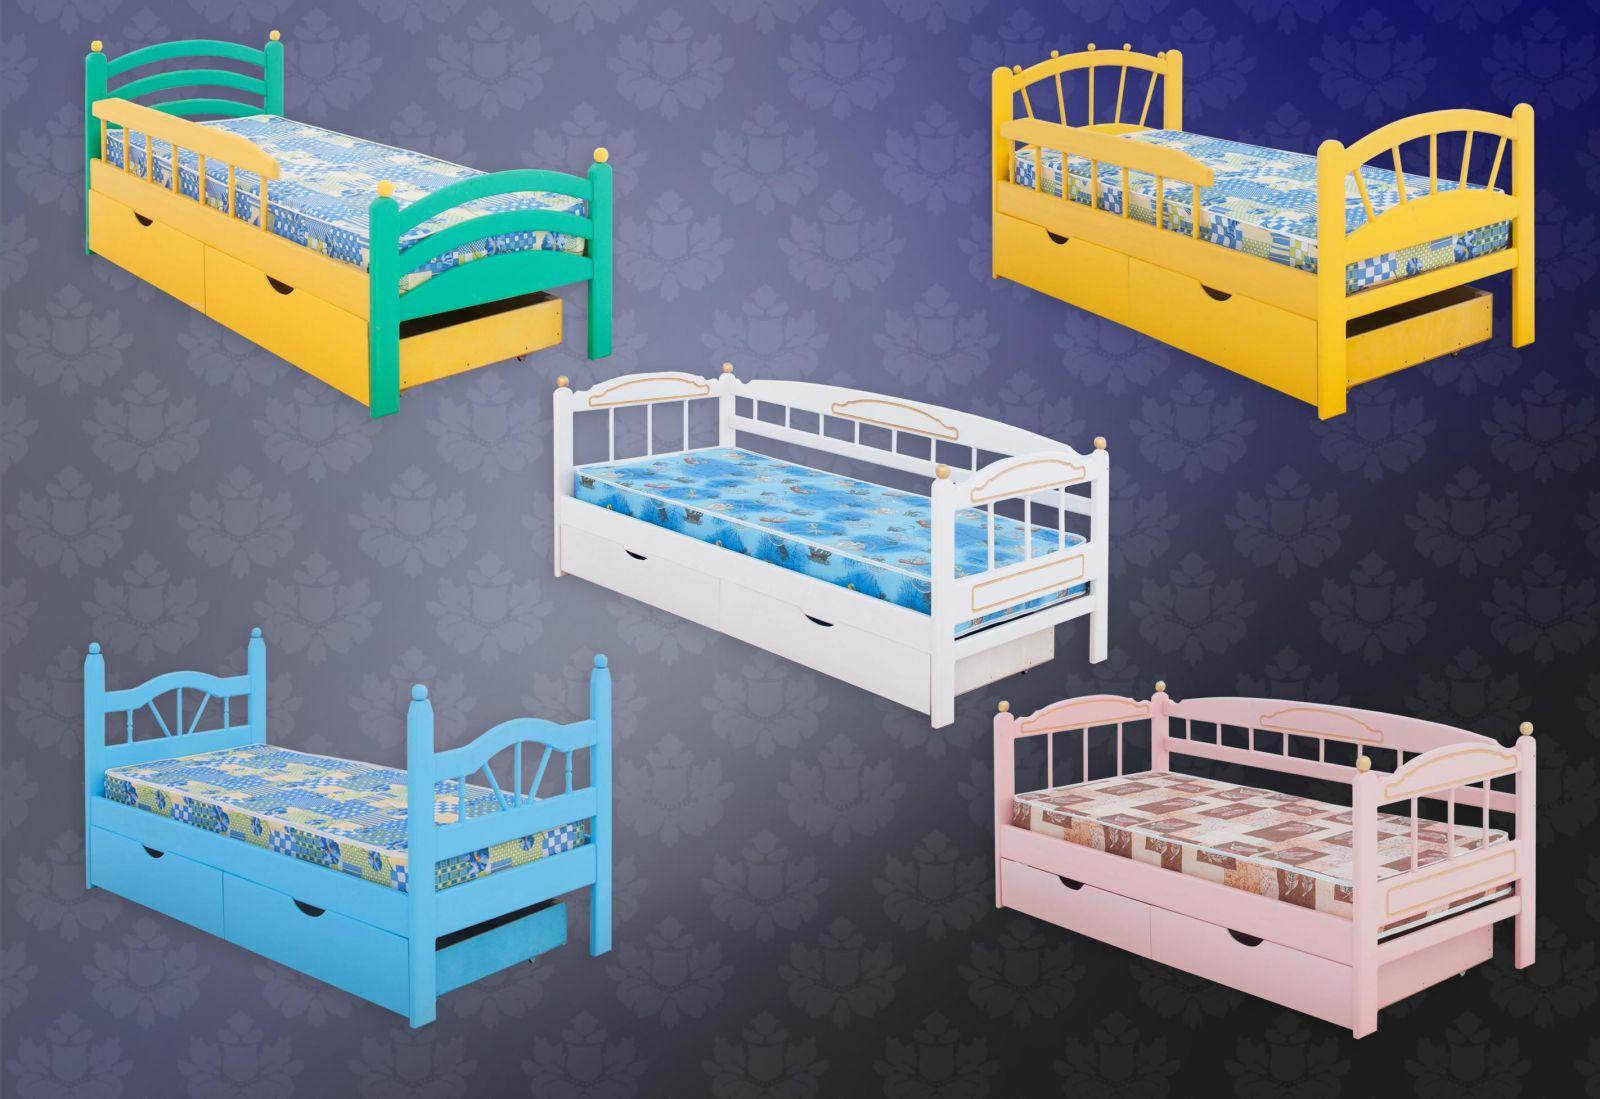 Отличительной особенностью данной мебели является ее экологичность и натуральность материала. Кровать полностью деревянная, изготавливается из массива сосны. Может быть выполнена в разных цветах.  Материал изготовления: массив дерева (массив сосны).  Детская кровать София с 2 выкатными ящиками, подростковая кровать, полутораспальная кровать, двуспальная кровать, фирма Меб-ЕГРА, размер и цвет на выбор